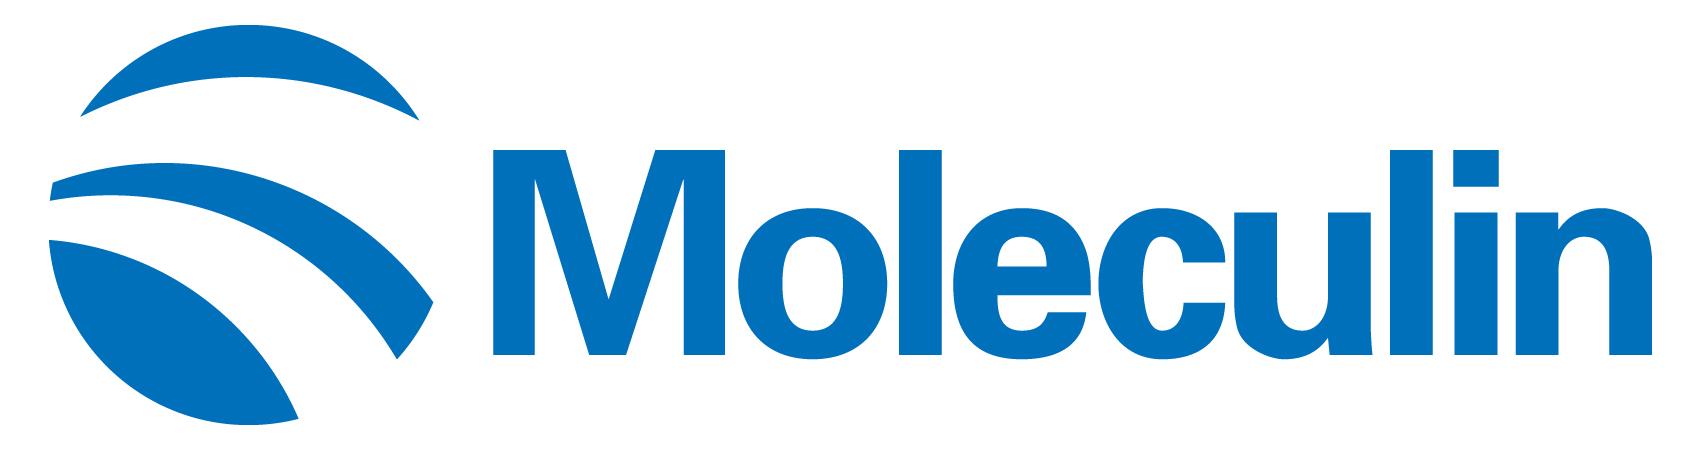 MOLECULIN-LOGO_HORIZA30.JPG